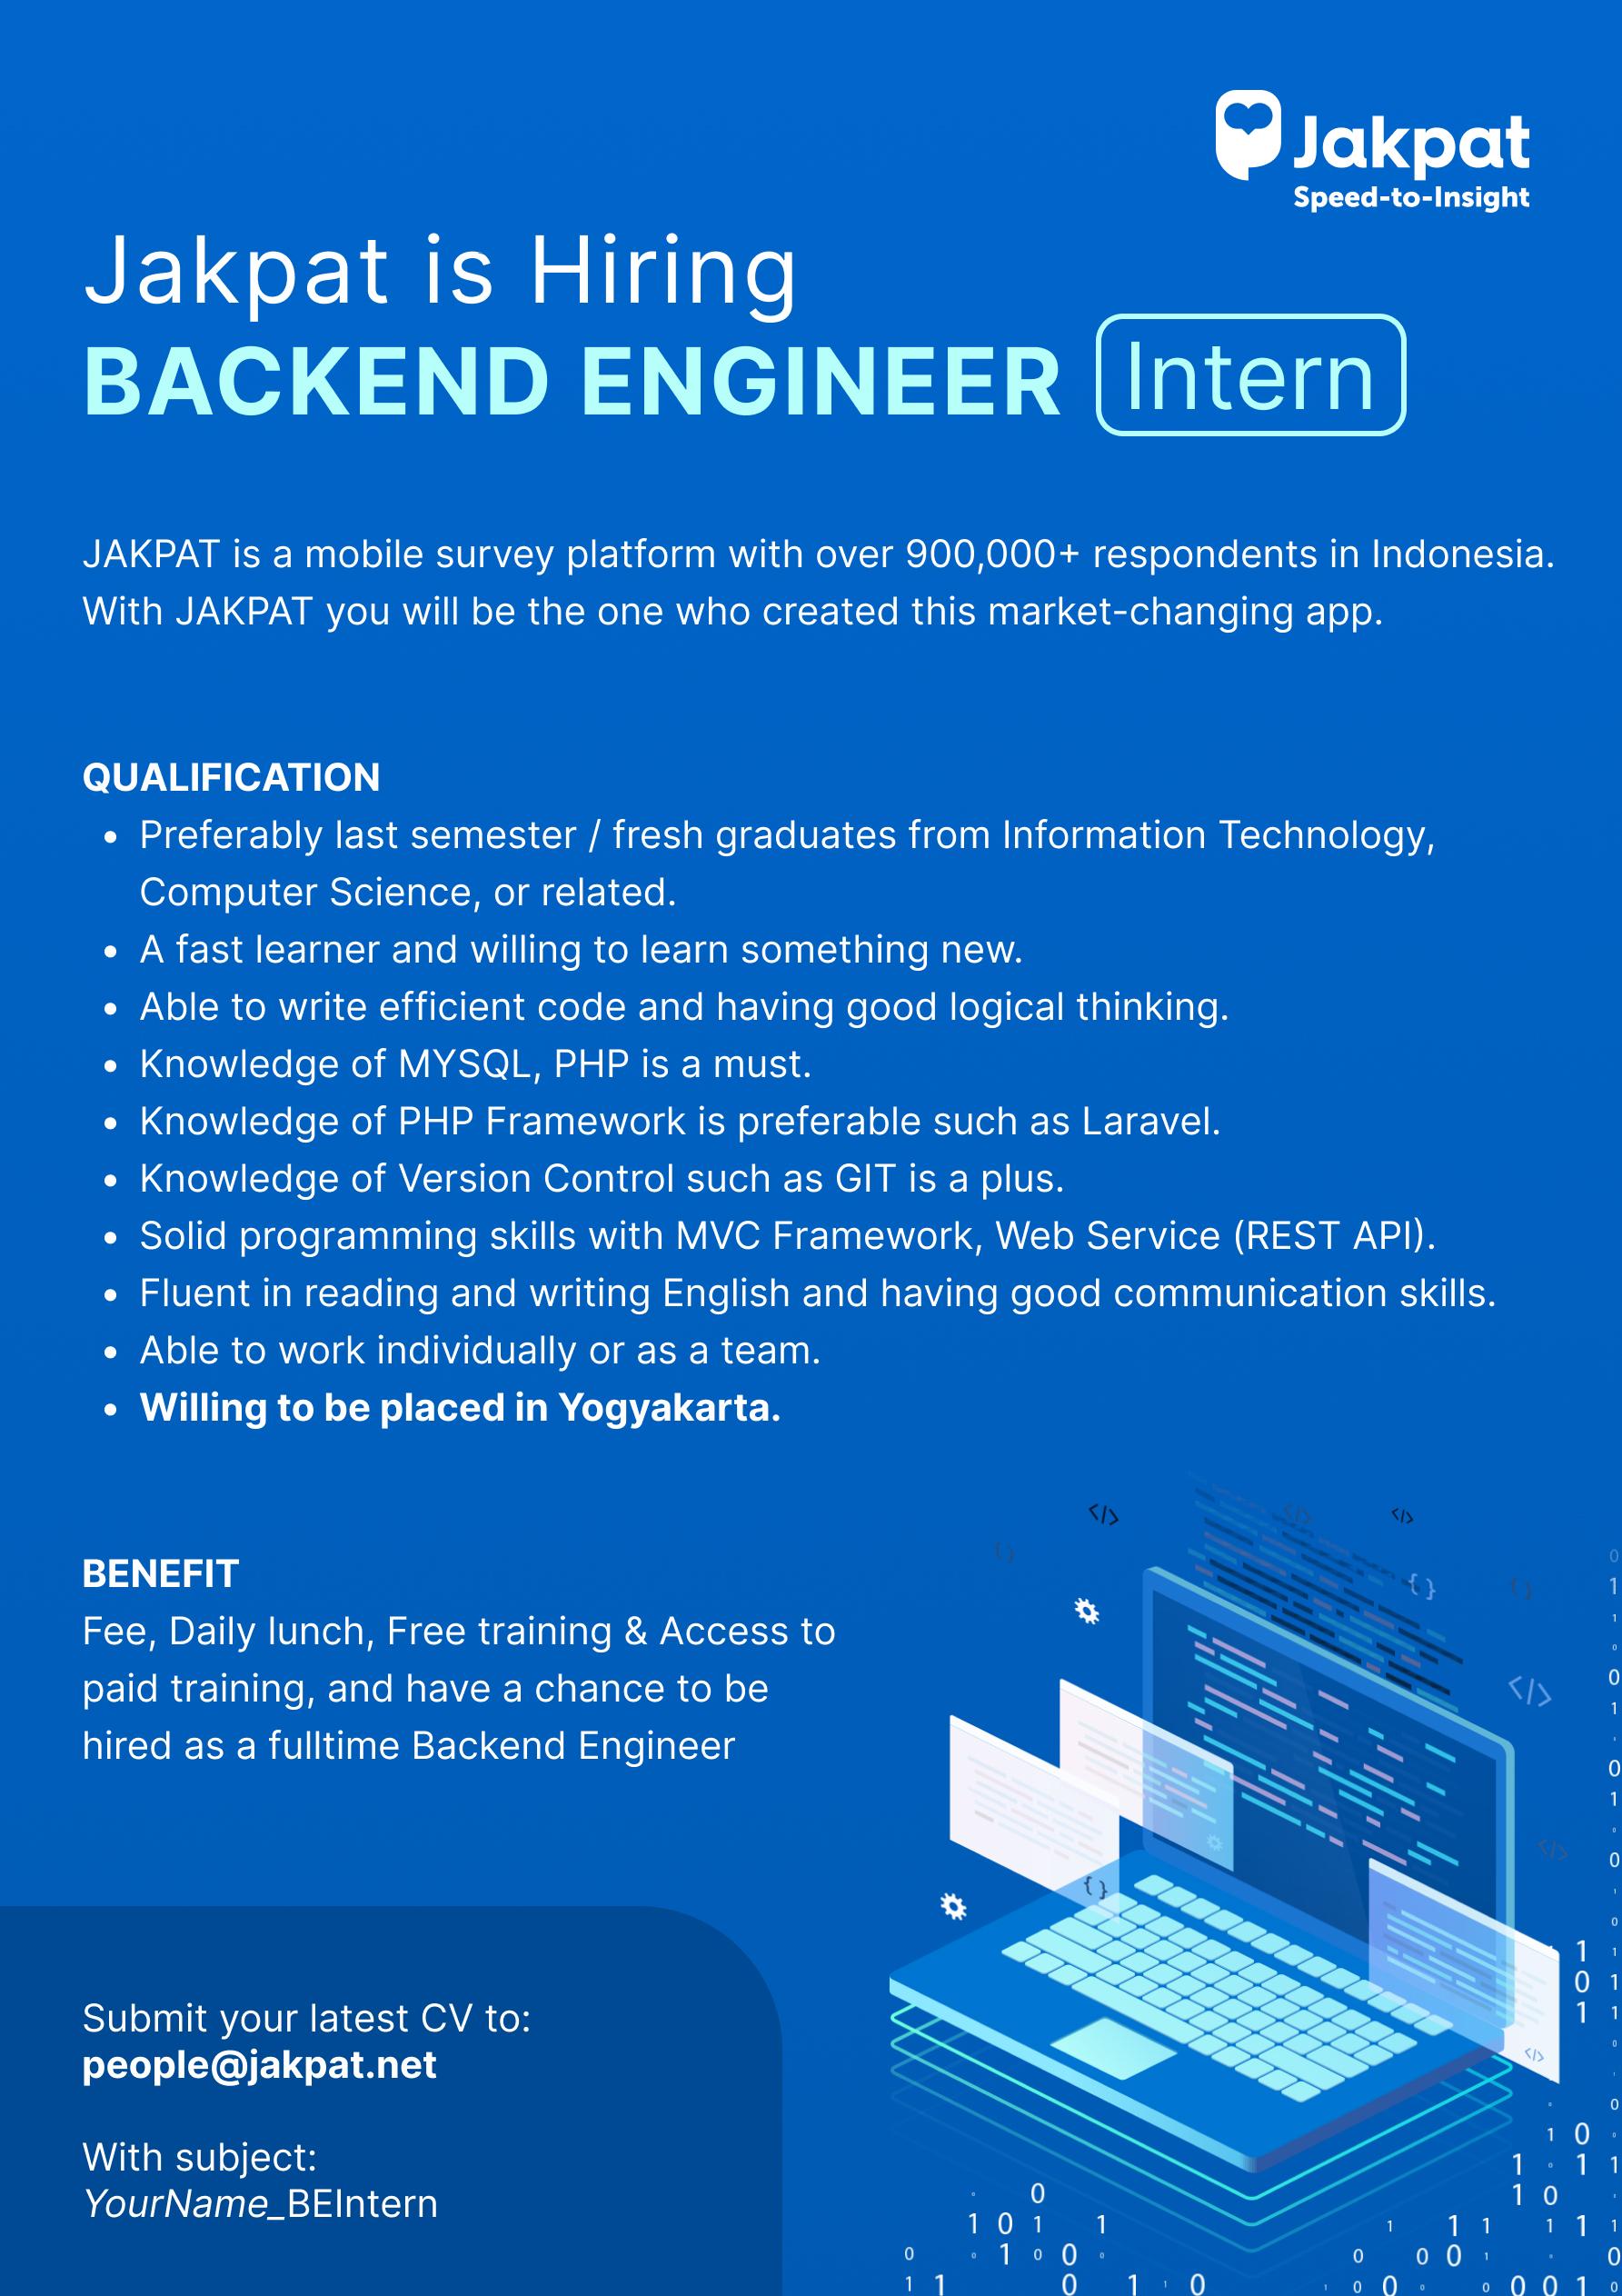 jakpat-is-hiring-backend-engineer-intern